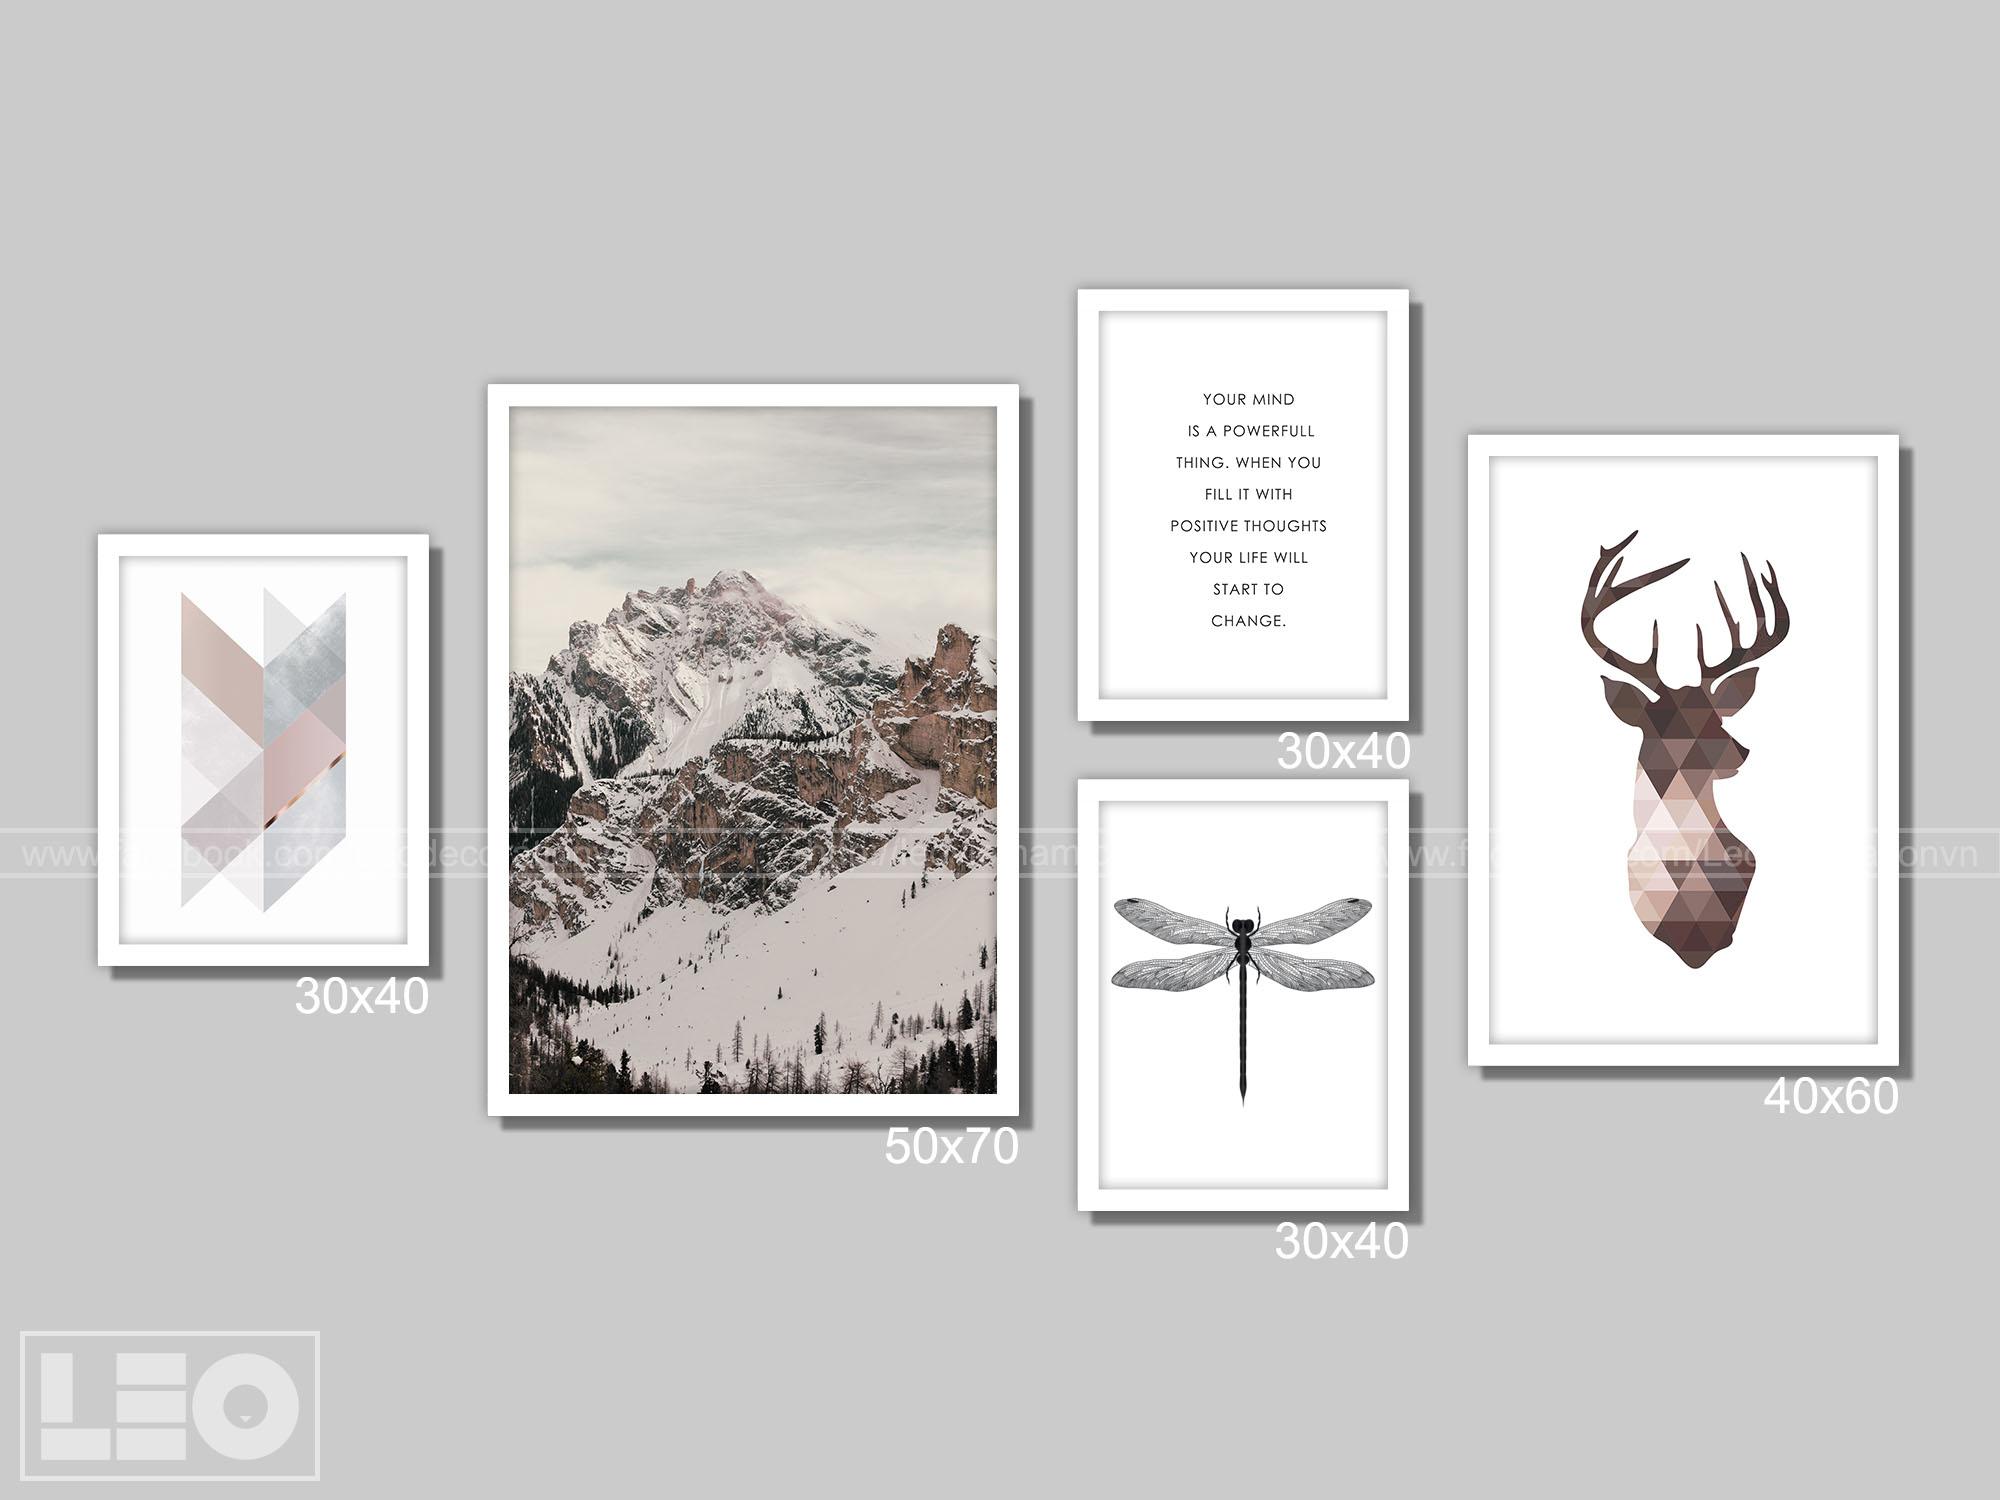 Tranh trang trí hiện đại - 111 moutain and deer